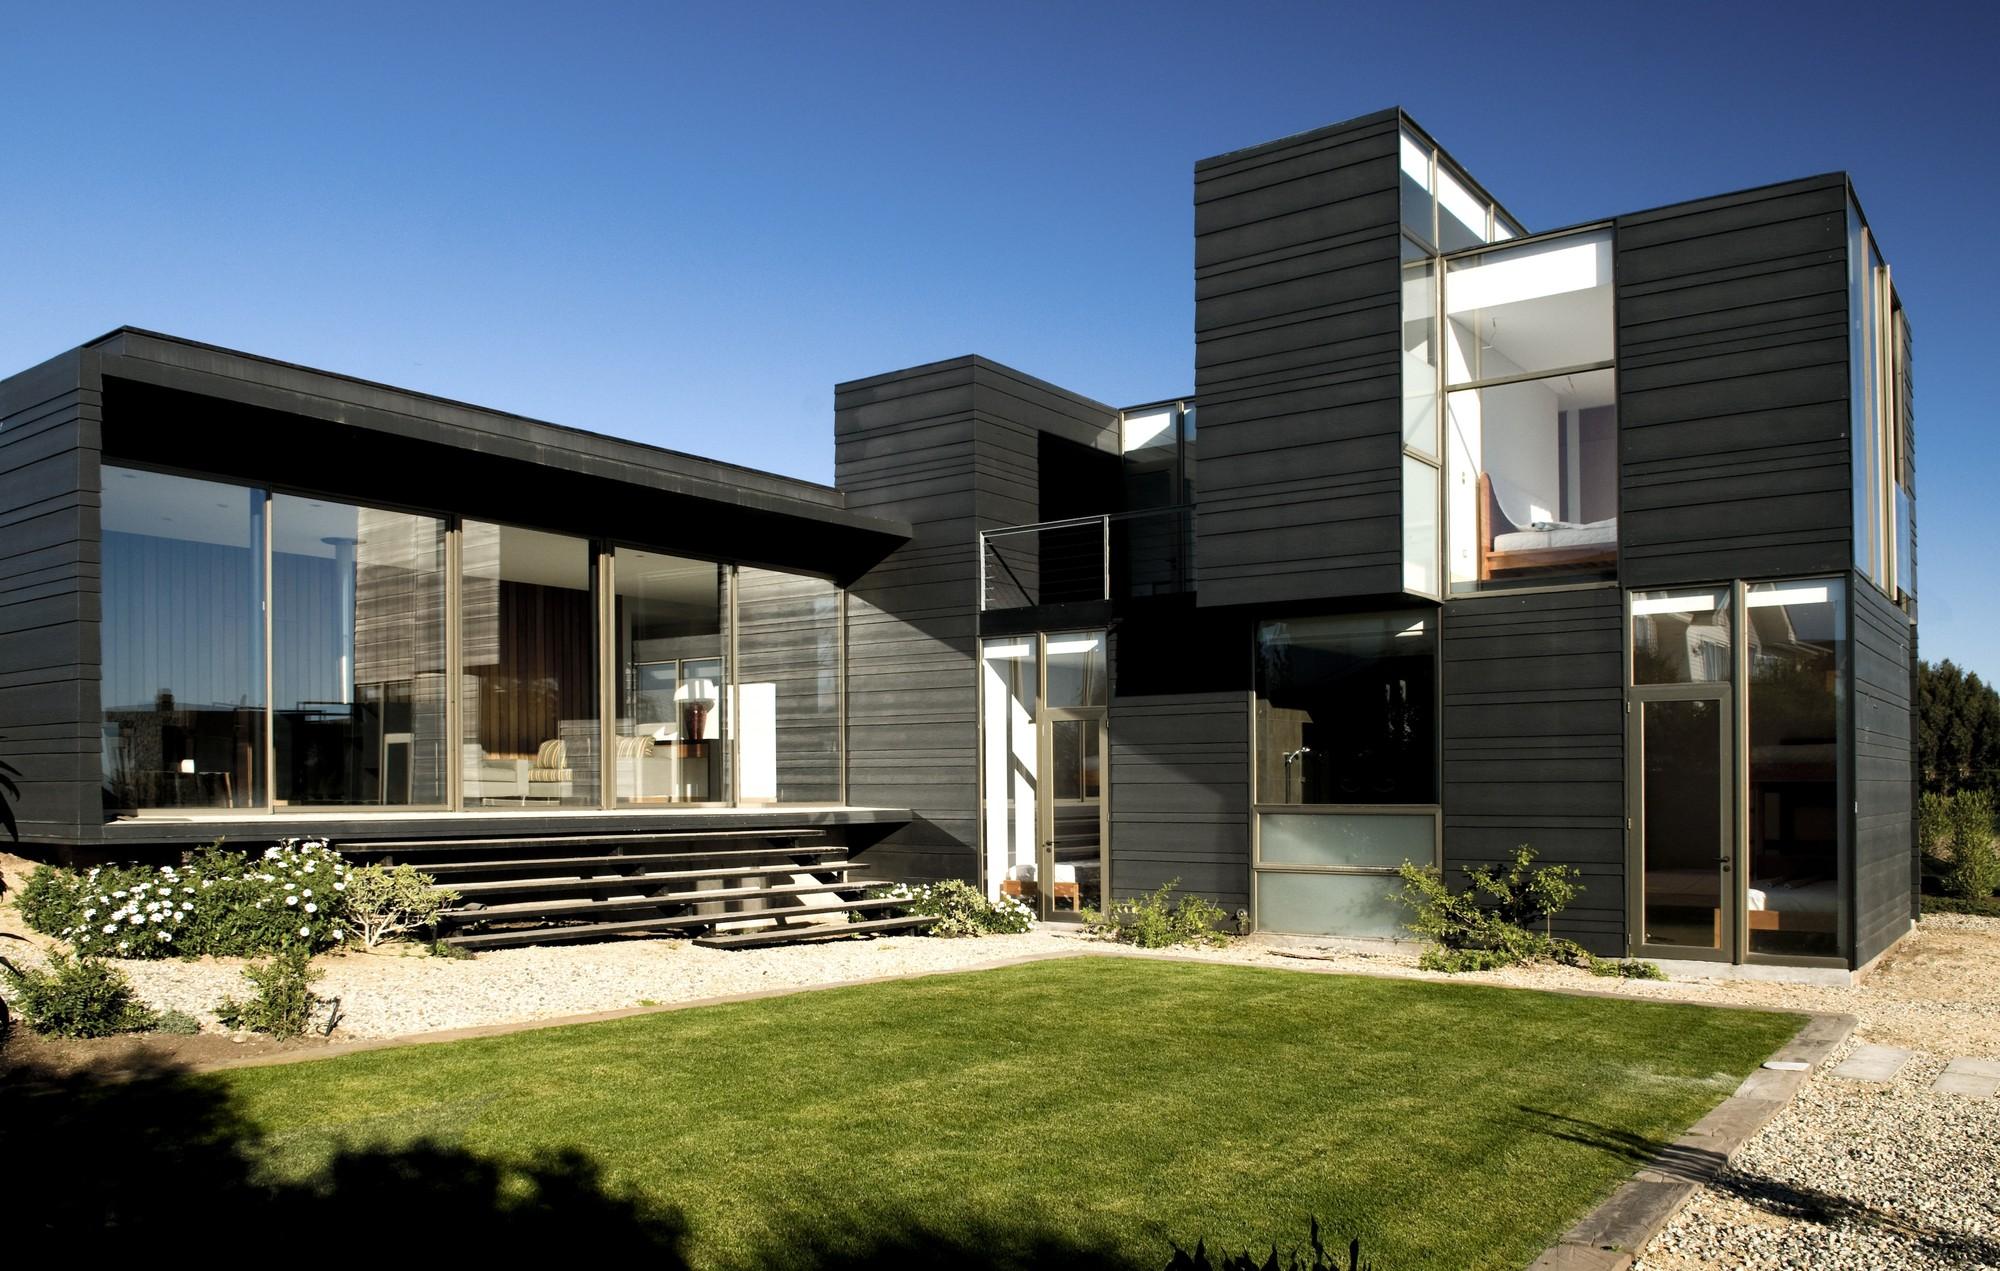 Casa a moure rivera arquitectos archdaily m xico for Arquitectos para casas